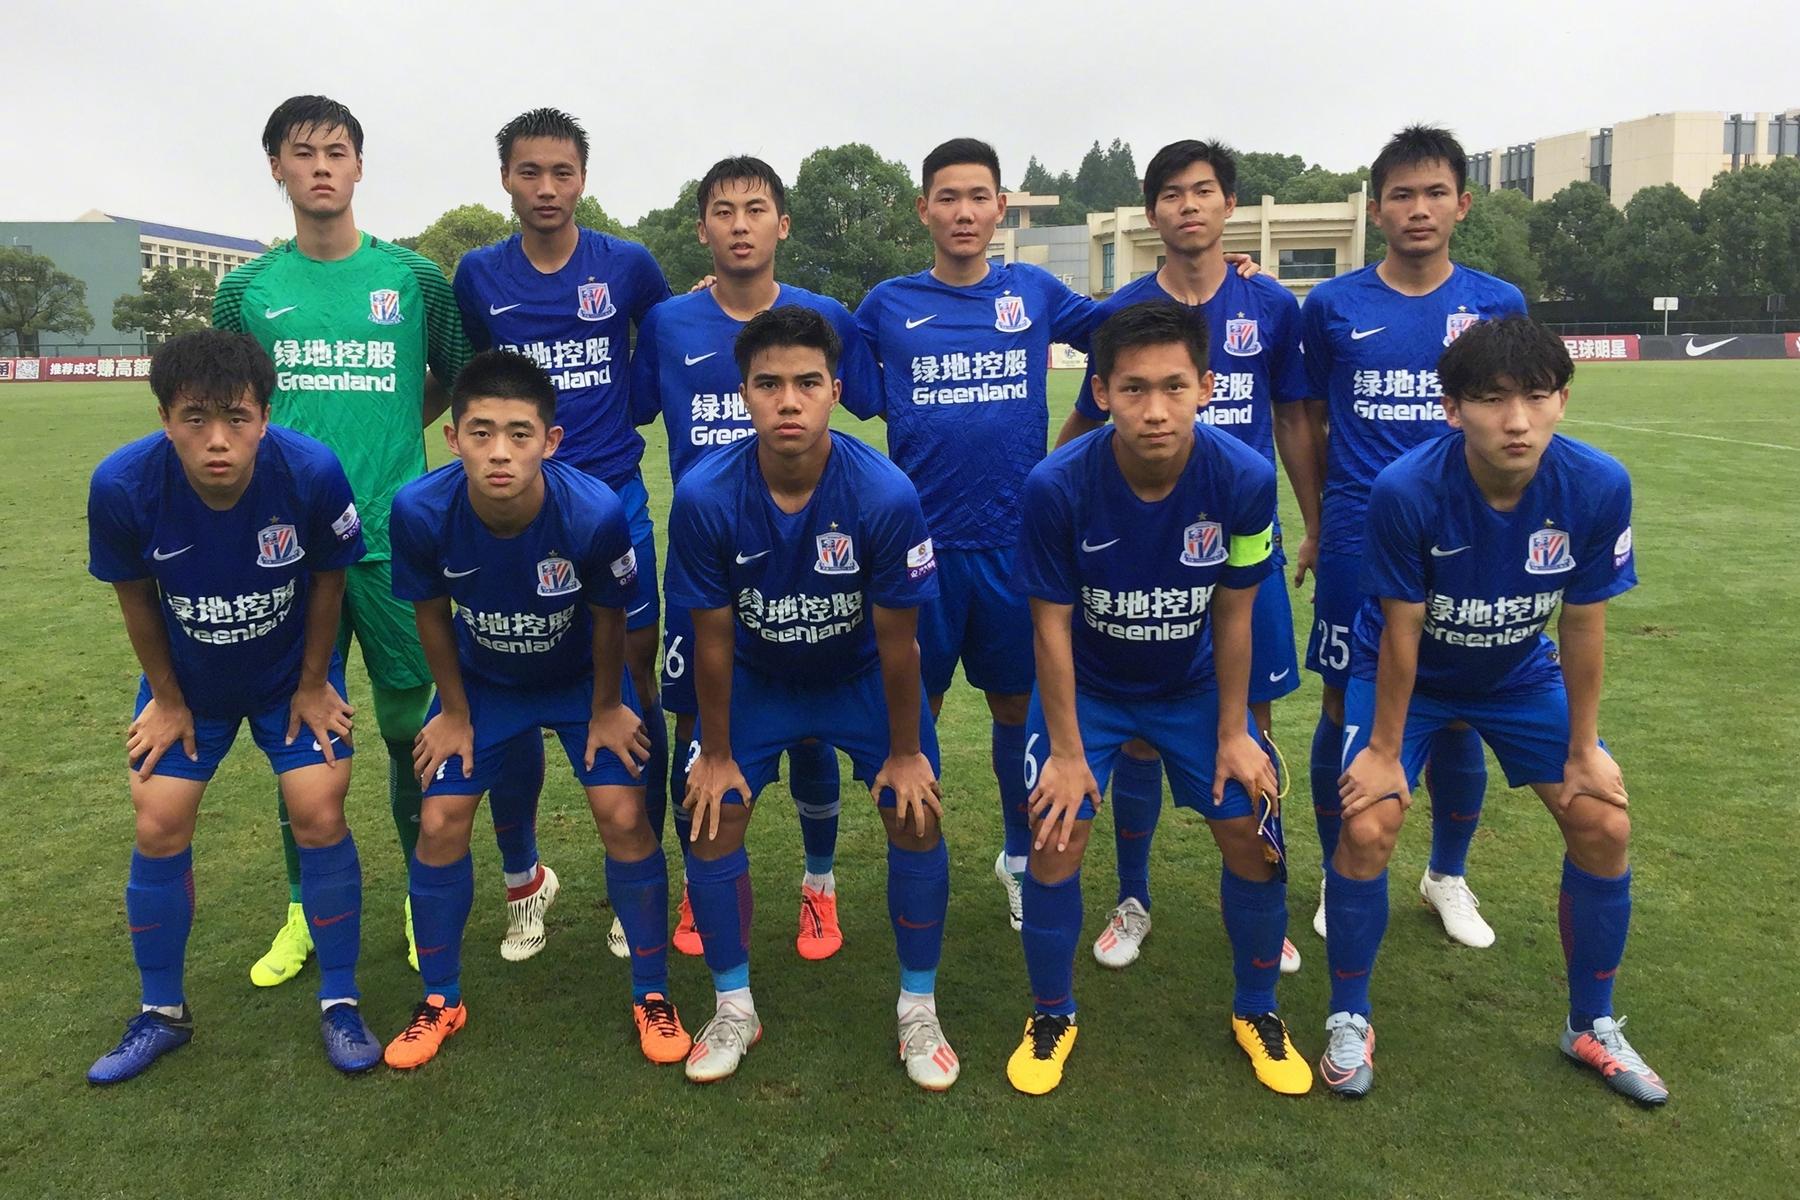 北京时间7月16日16:00,2019全国青超联赛U19(A组)第21轮